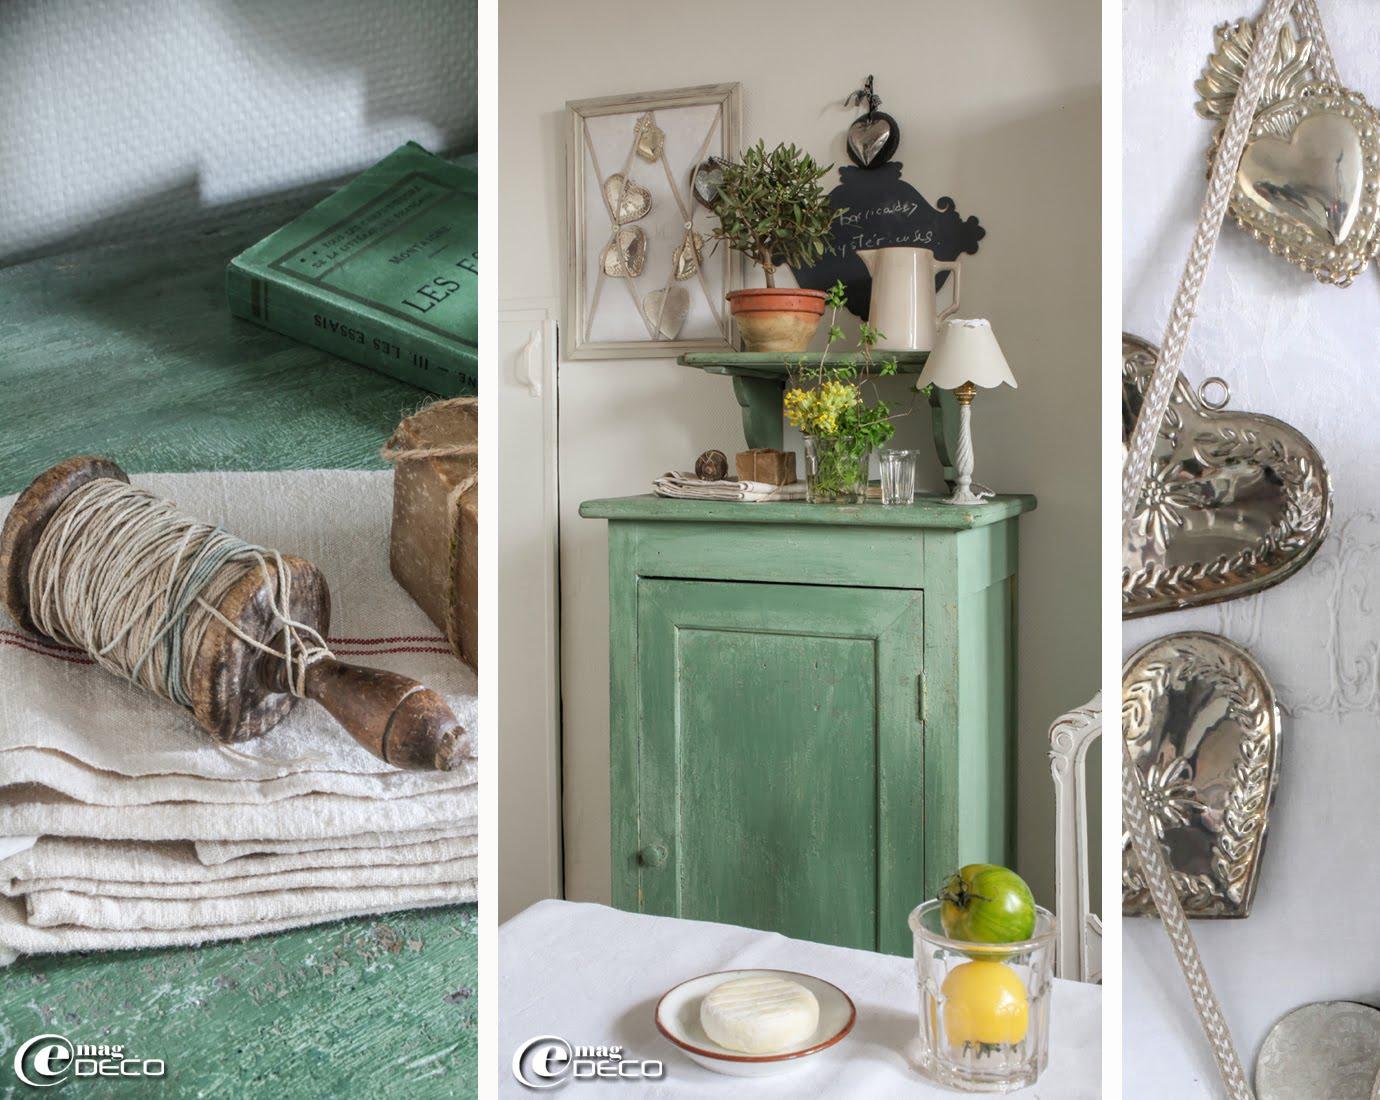 le couvent des roses e magdeco magazine de d coration. Black Bedroom Furniture Sets. Home Design Ideas